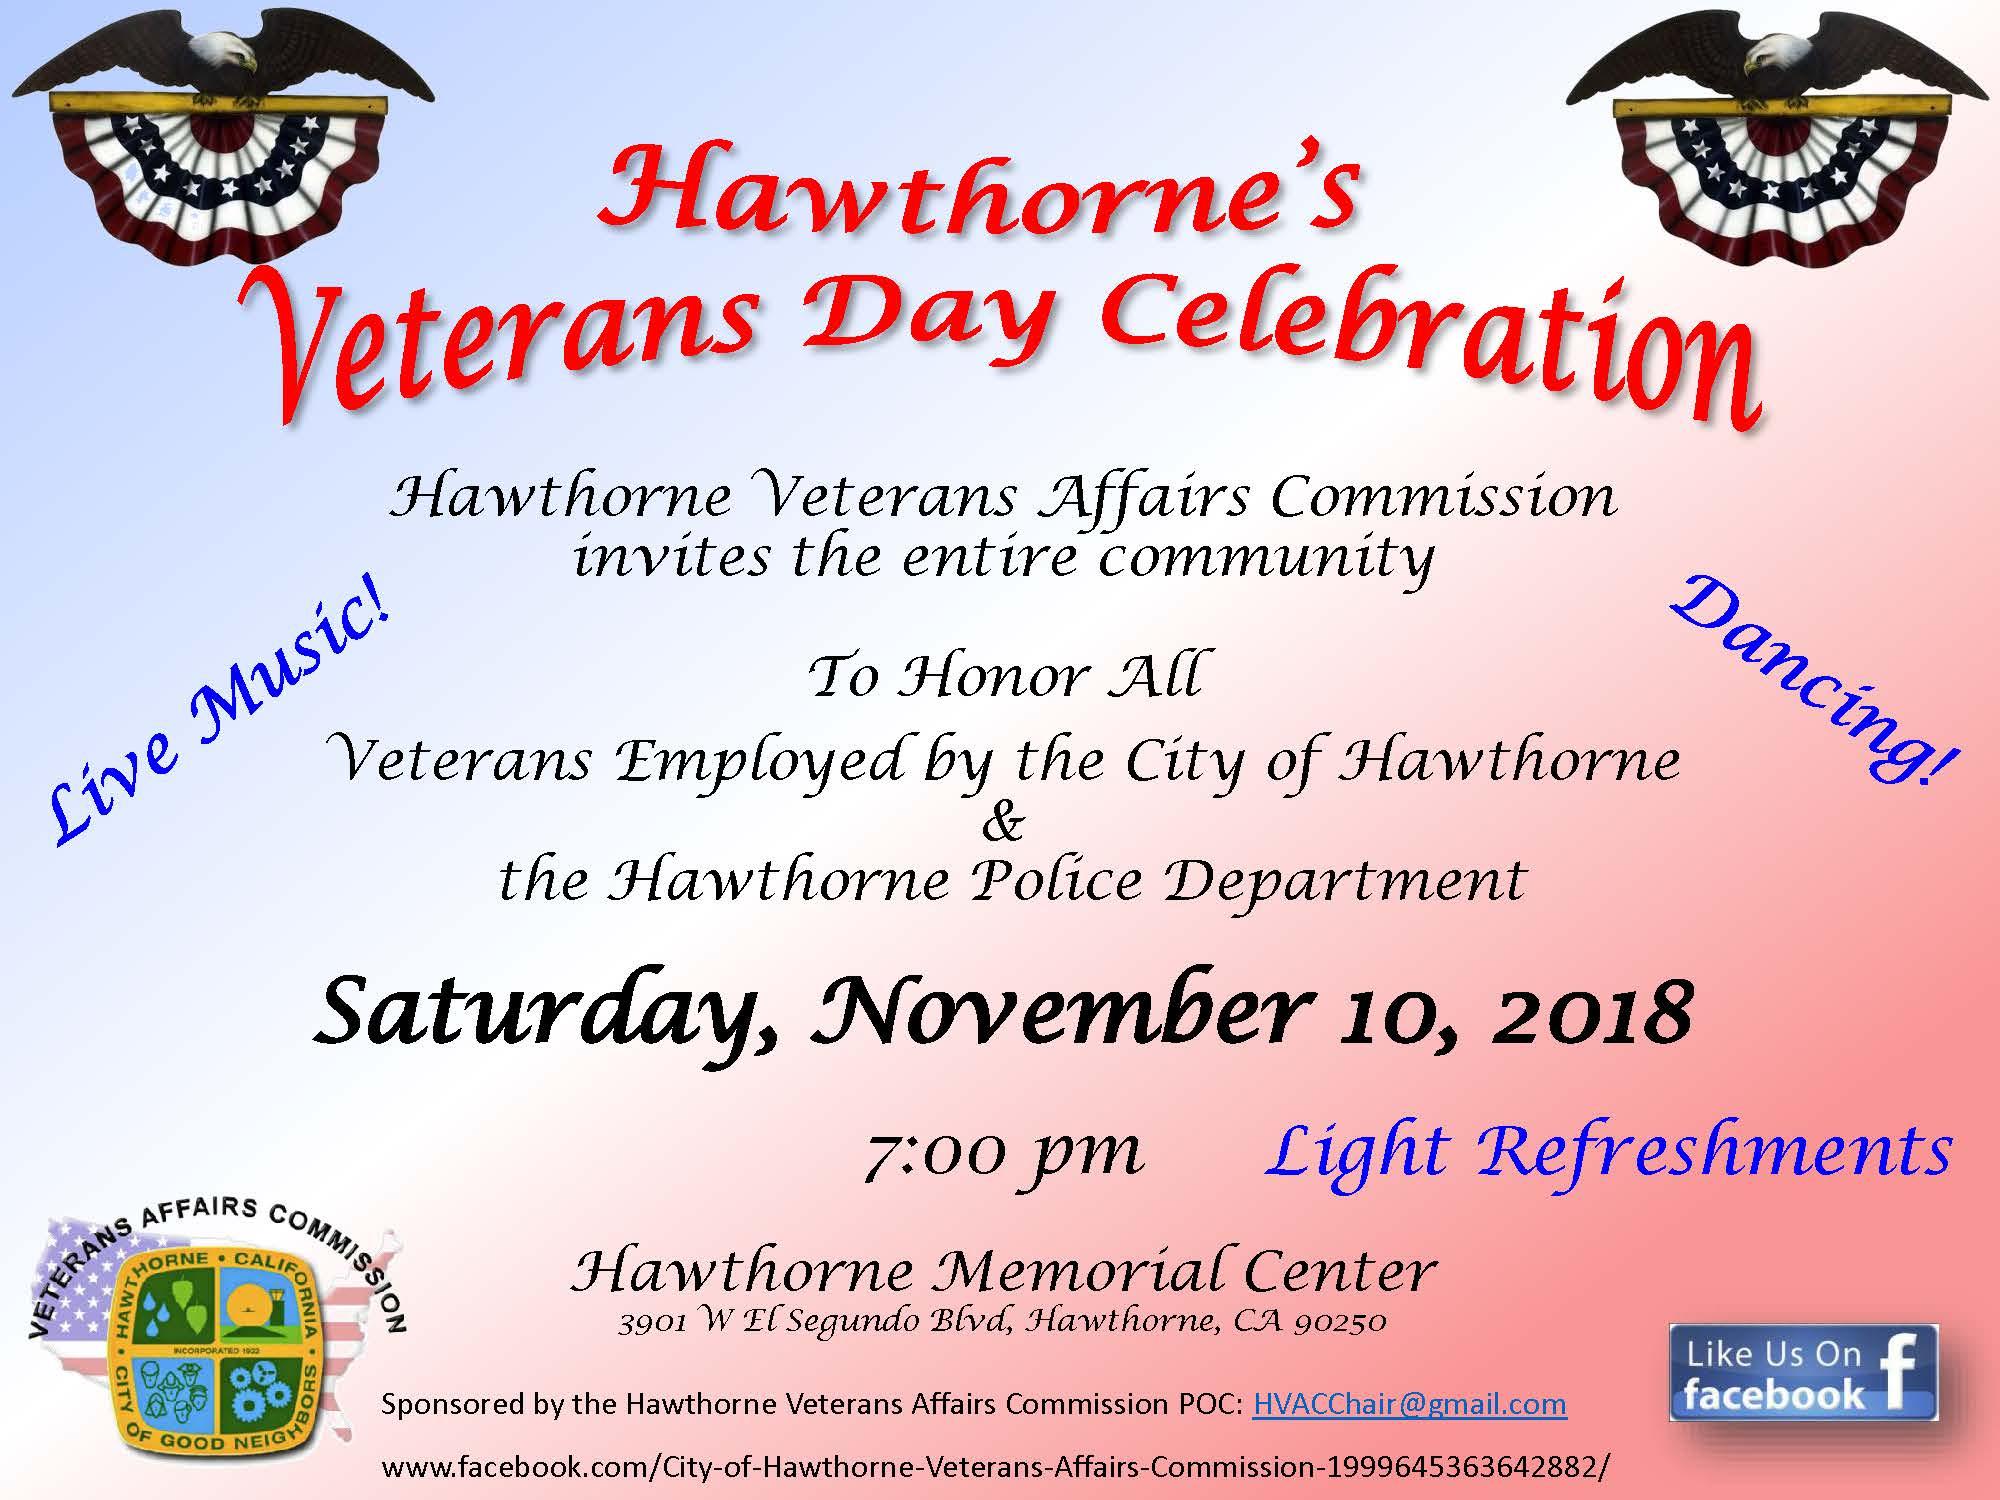 Hawthorne's Veterans Day Celebration